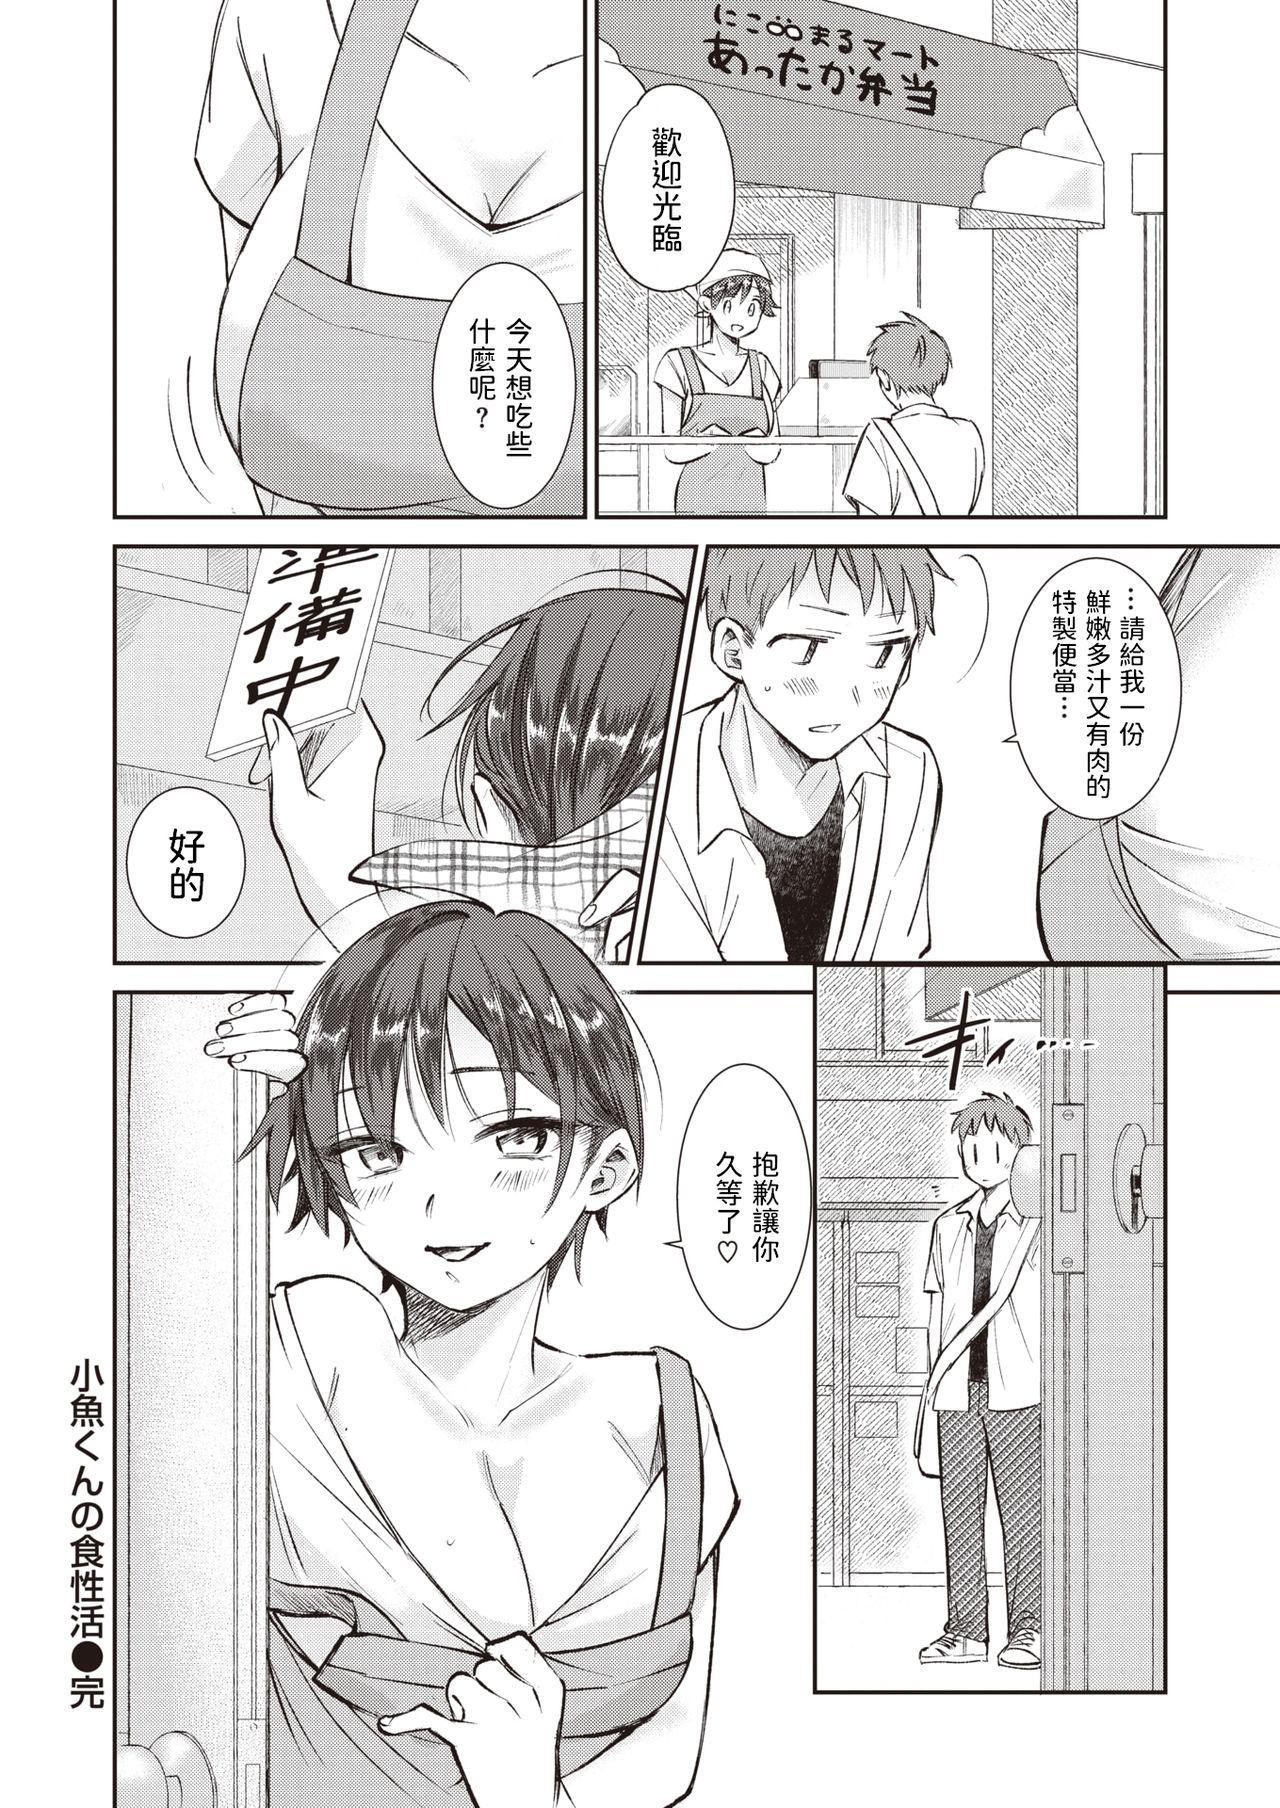 Kozakana-kun no Shokuseikatsu 19